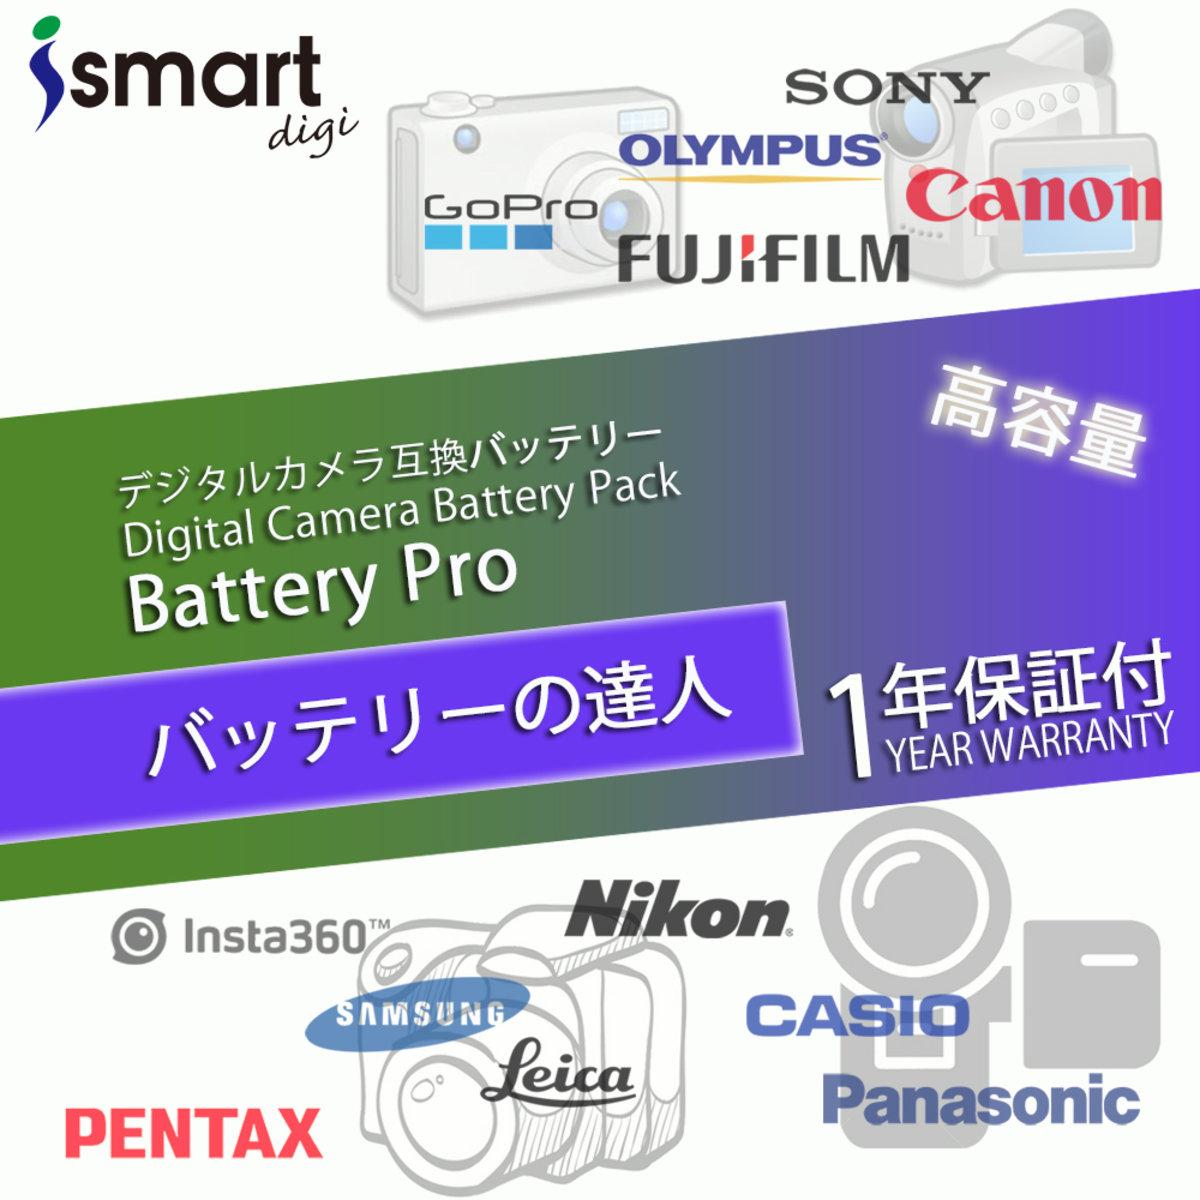 FujiFilm Digital Camera Battery (For:FinePix J30 / J35 / J27 / J26 / J20 / J15fd / J10/FinePix XP70 ,EX-MR1,EX-ZS100/MINI90)